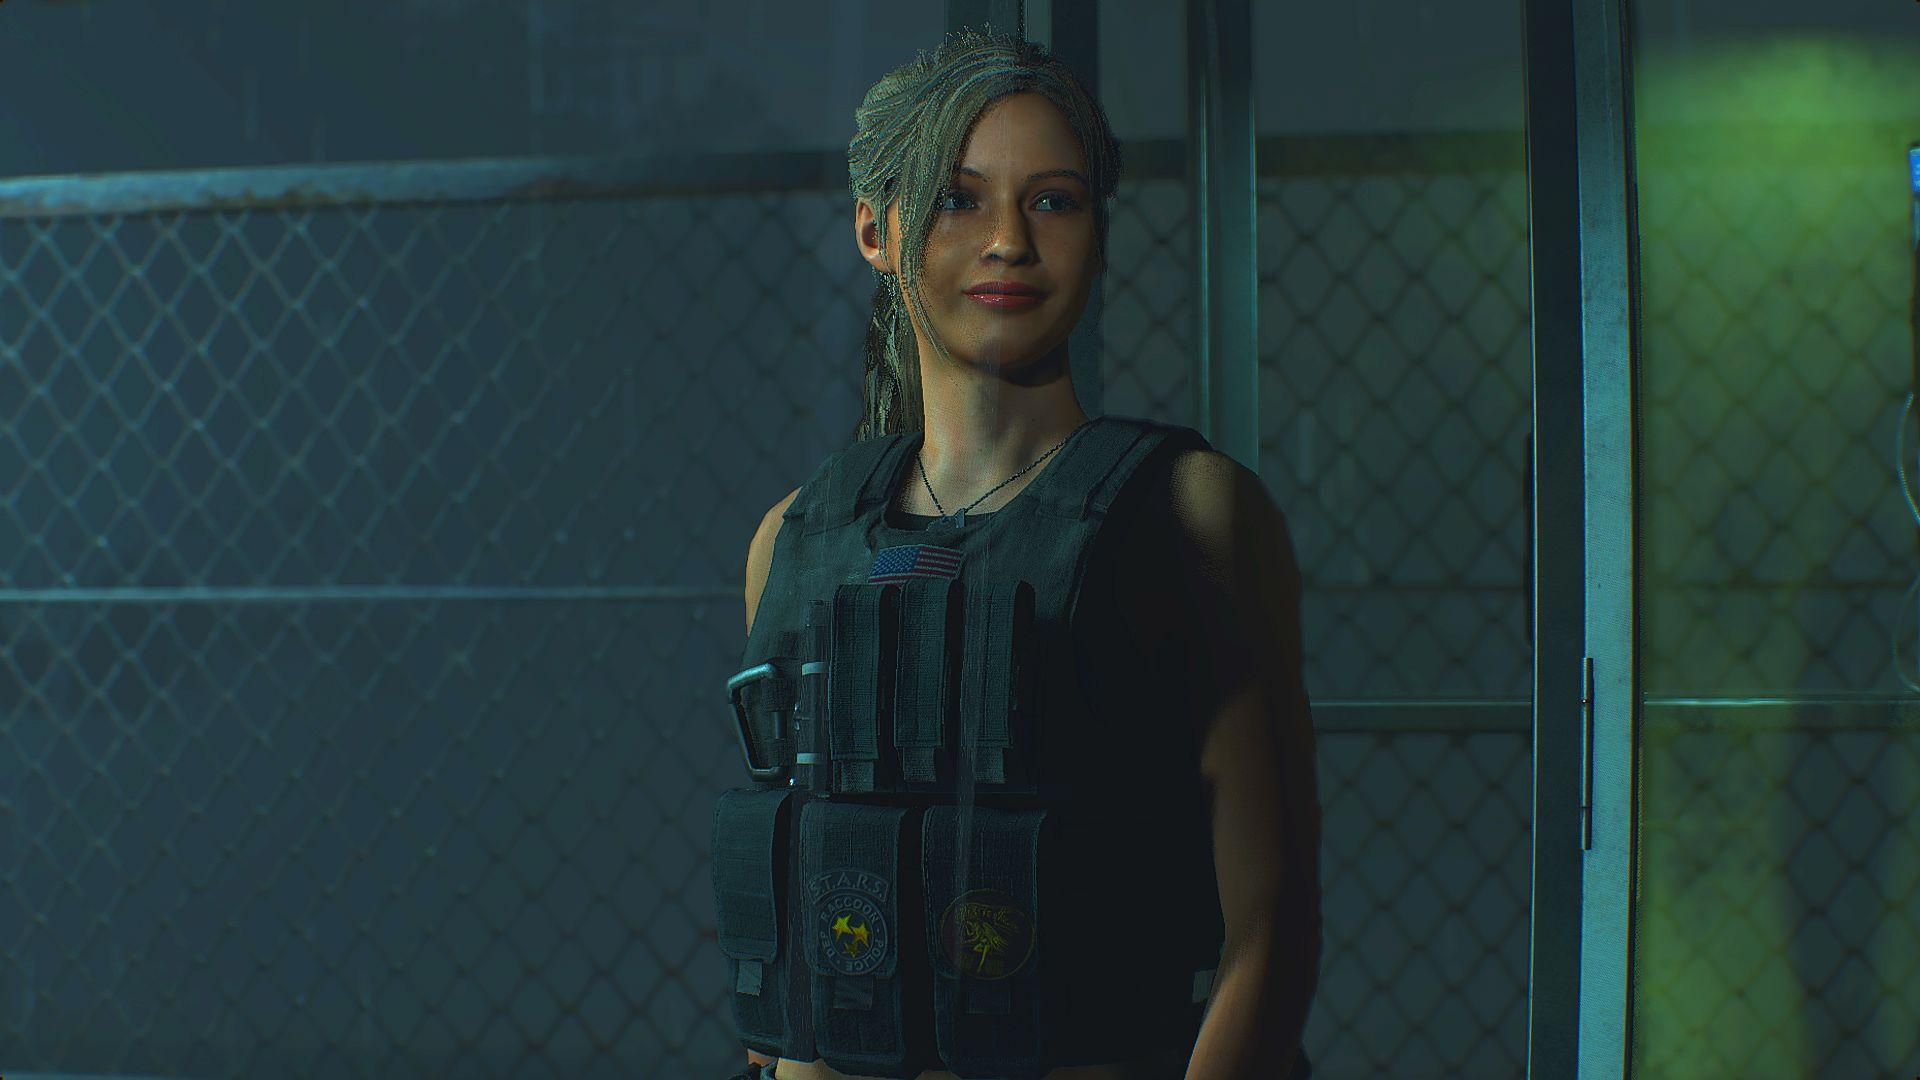 000184.Jpg - Resident Evil 2